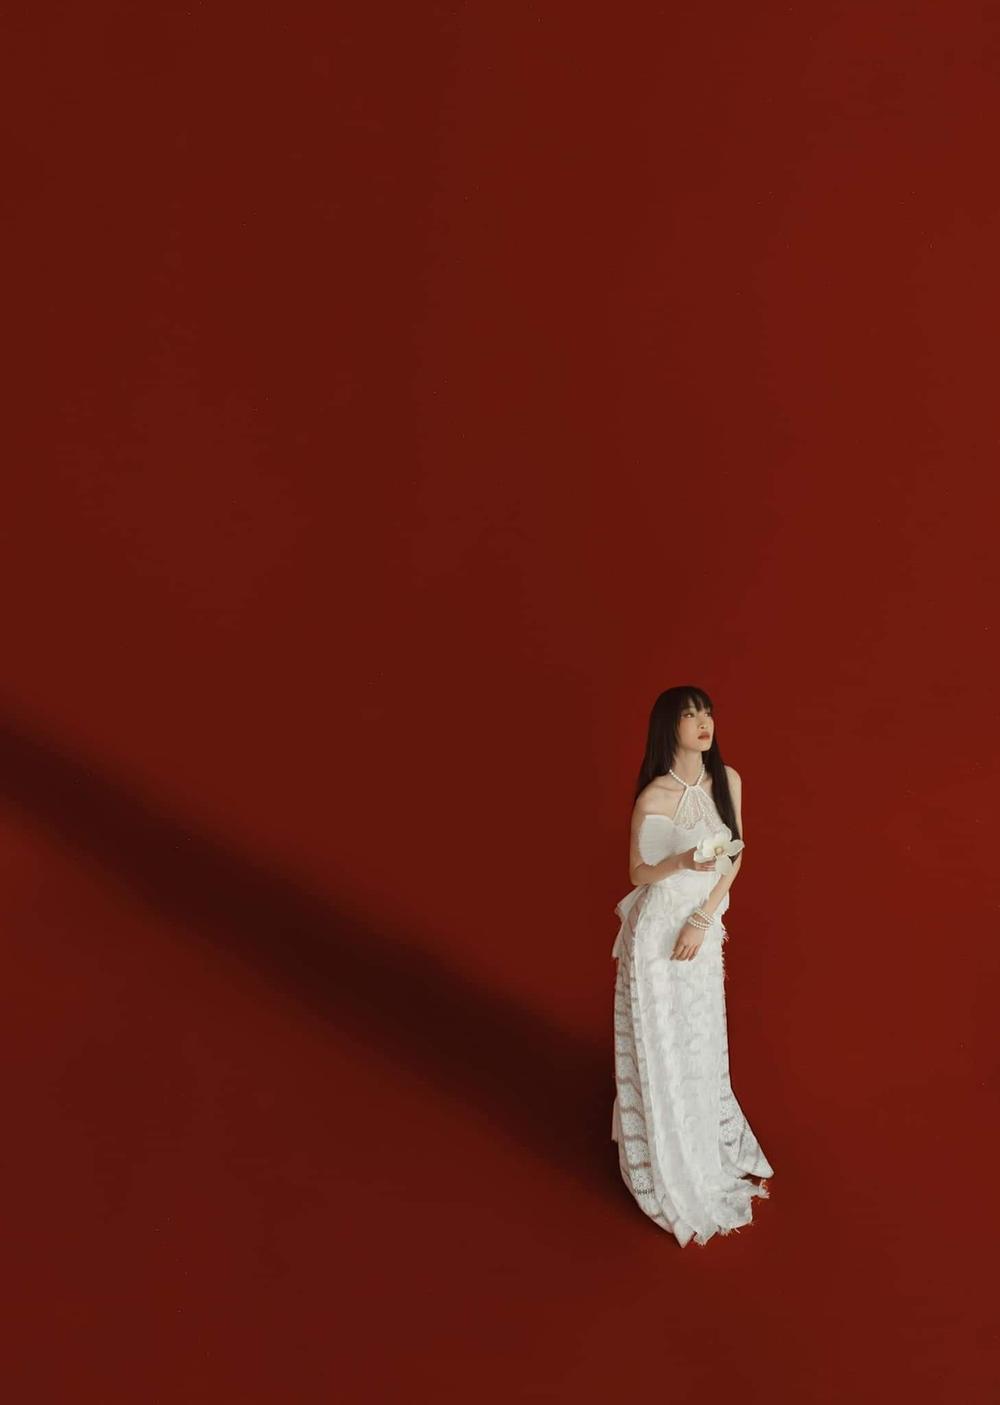 Juky San hoá nàng thơ tao nhã, đẹp thoát tục mơ màng giữa tiết Xuân Ảnh 5